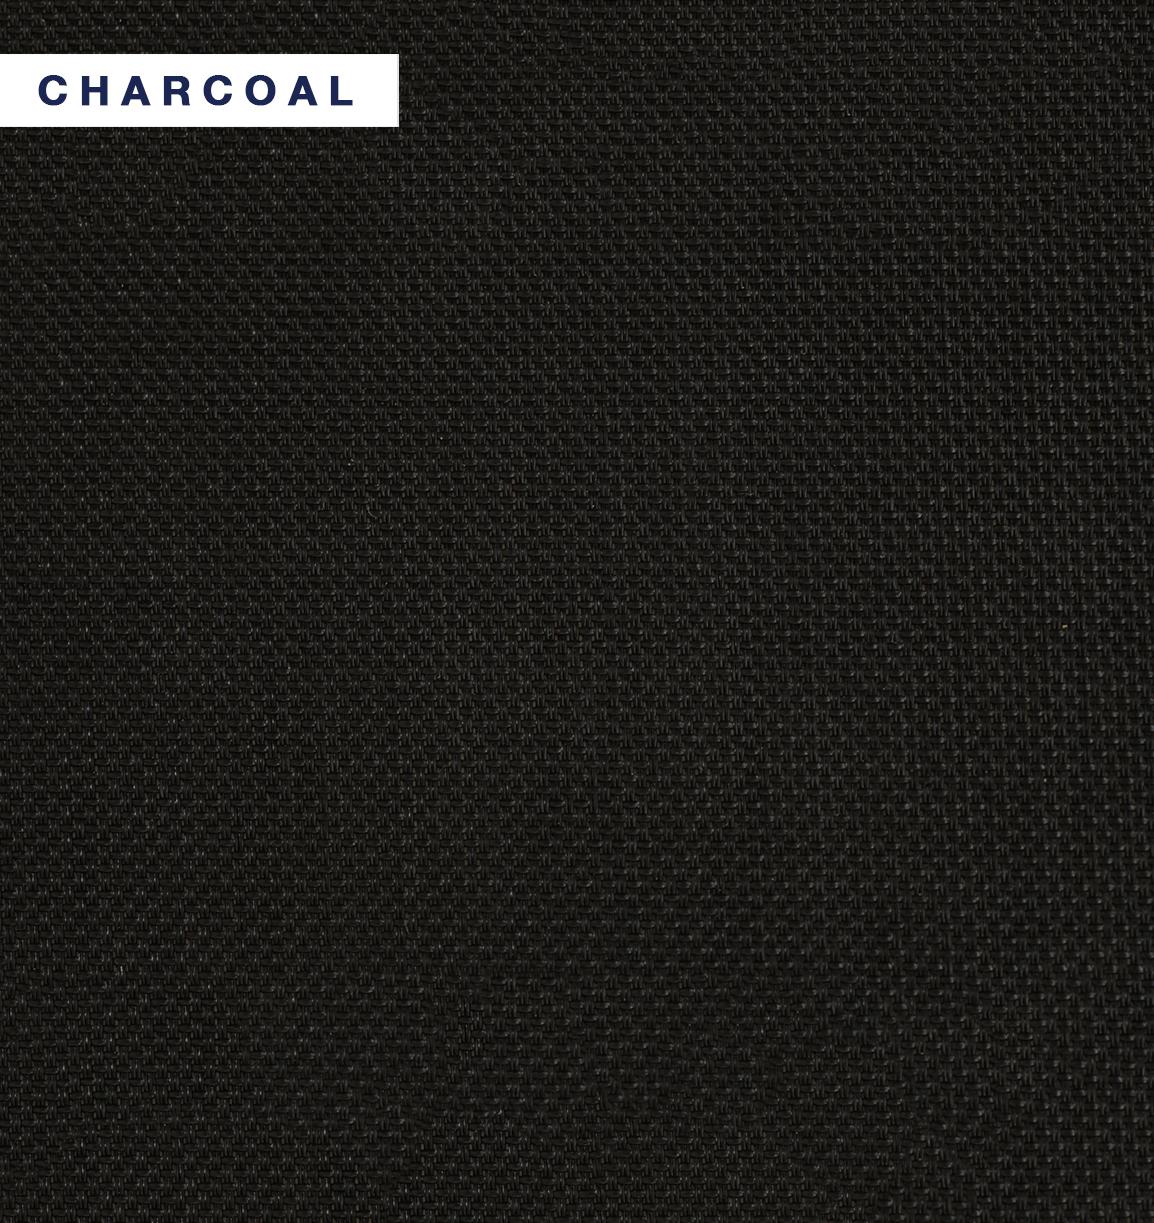 Duo Screen - Charcoal.jpg